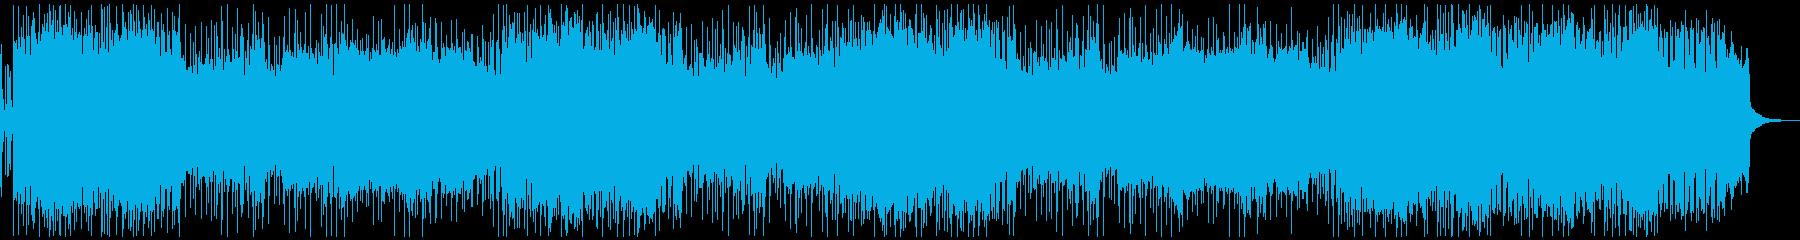 疾走感溢れるギターサウンド  の再生済みの波形